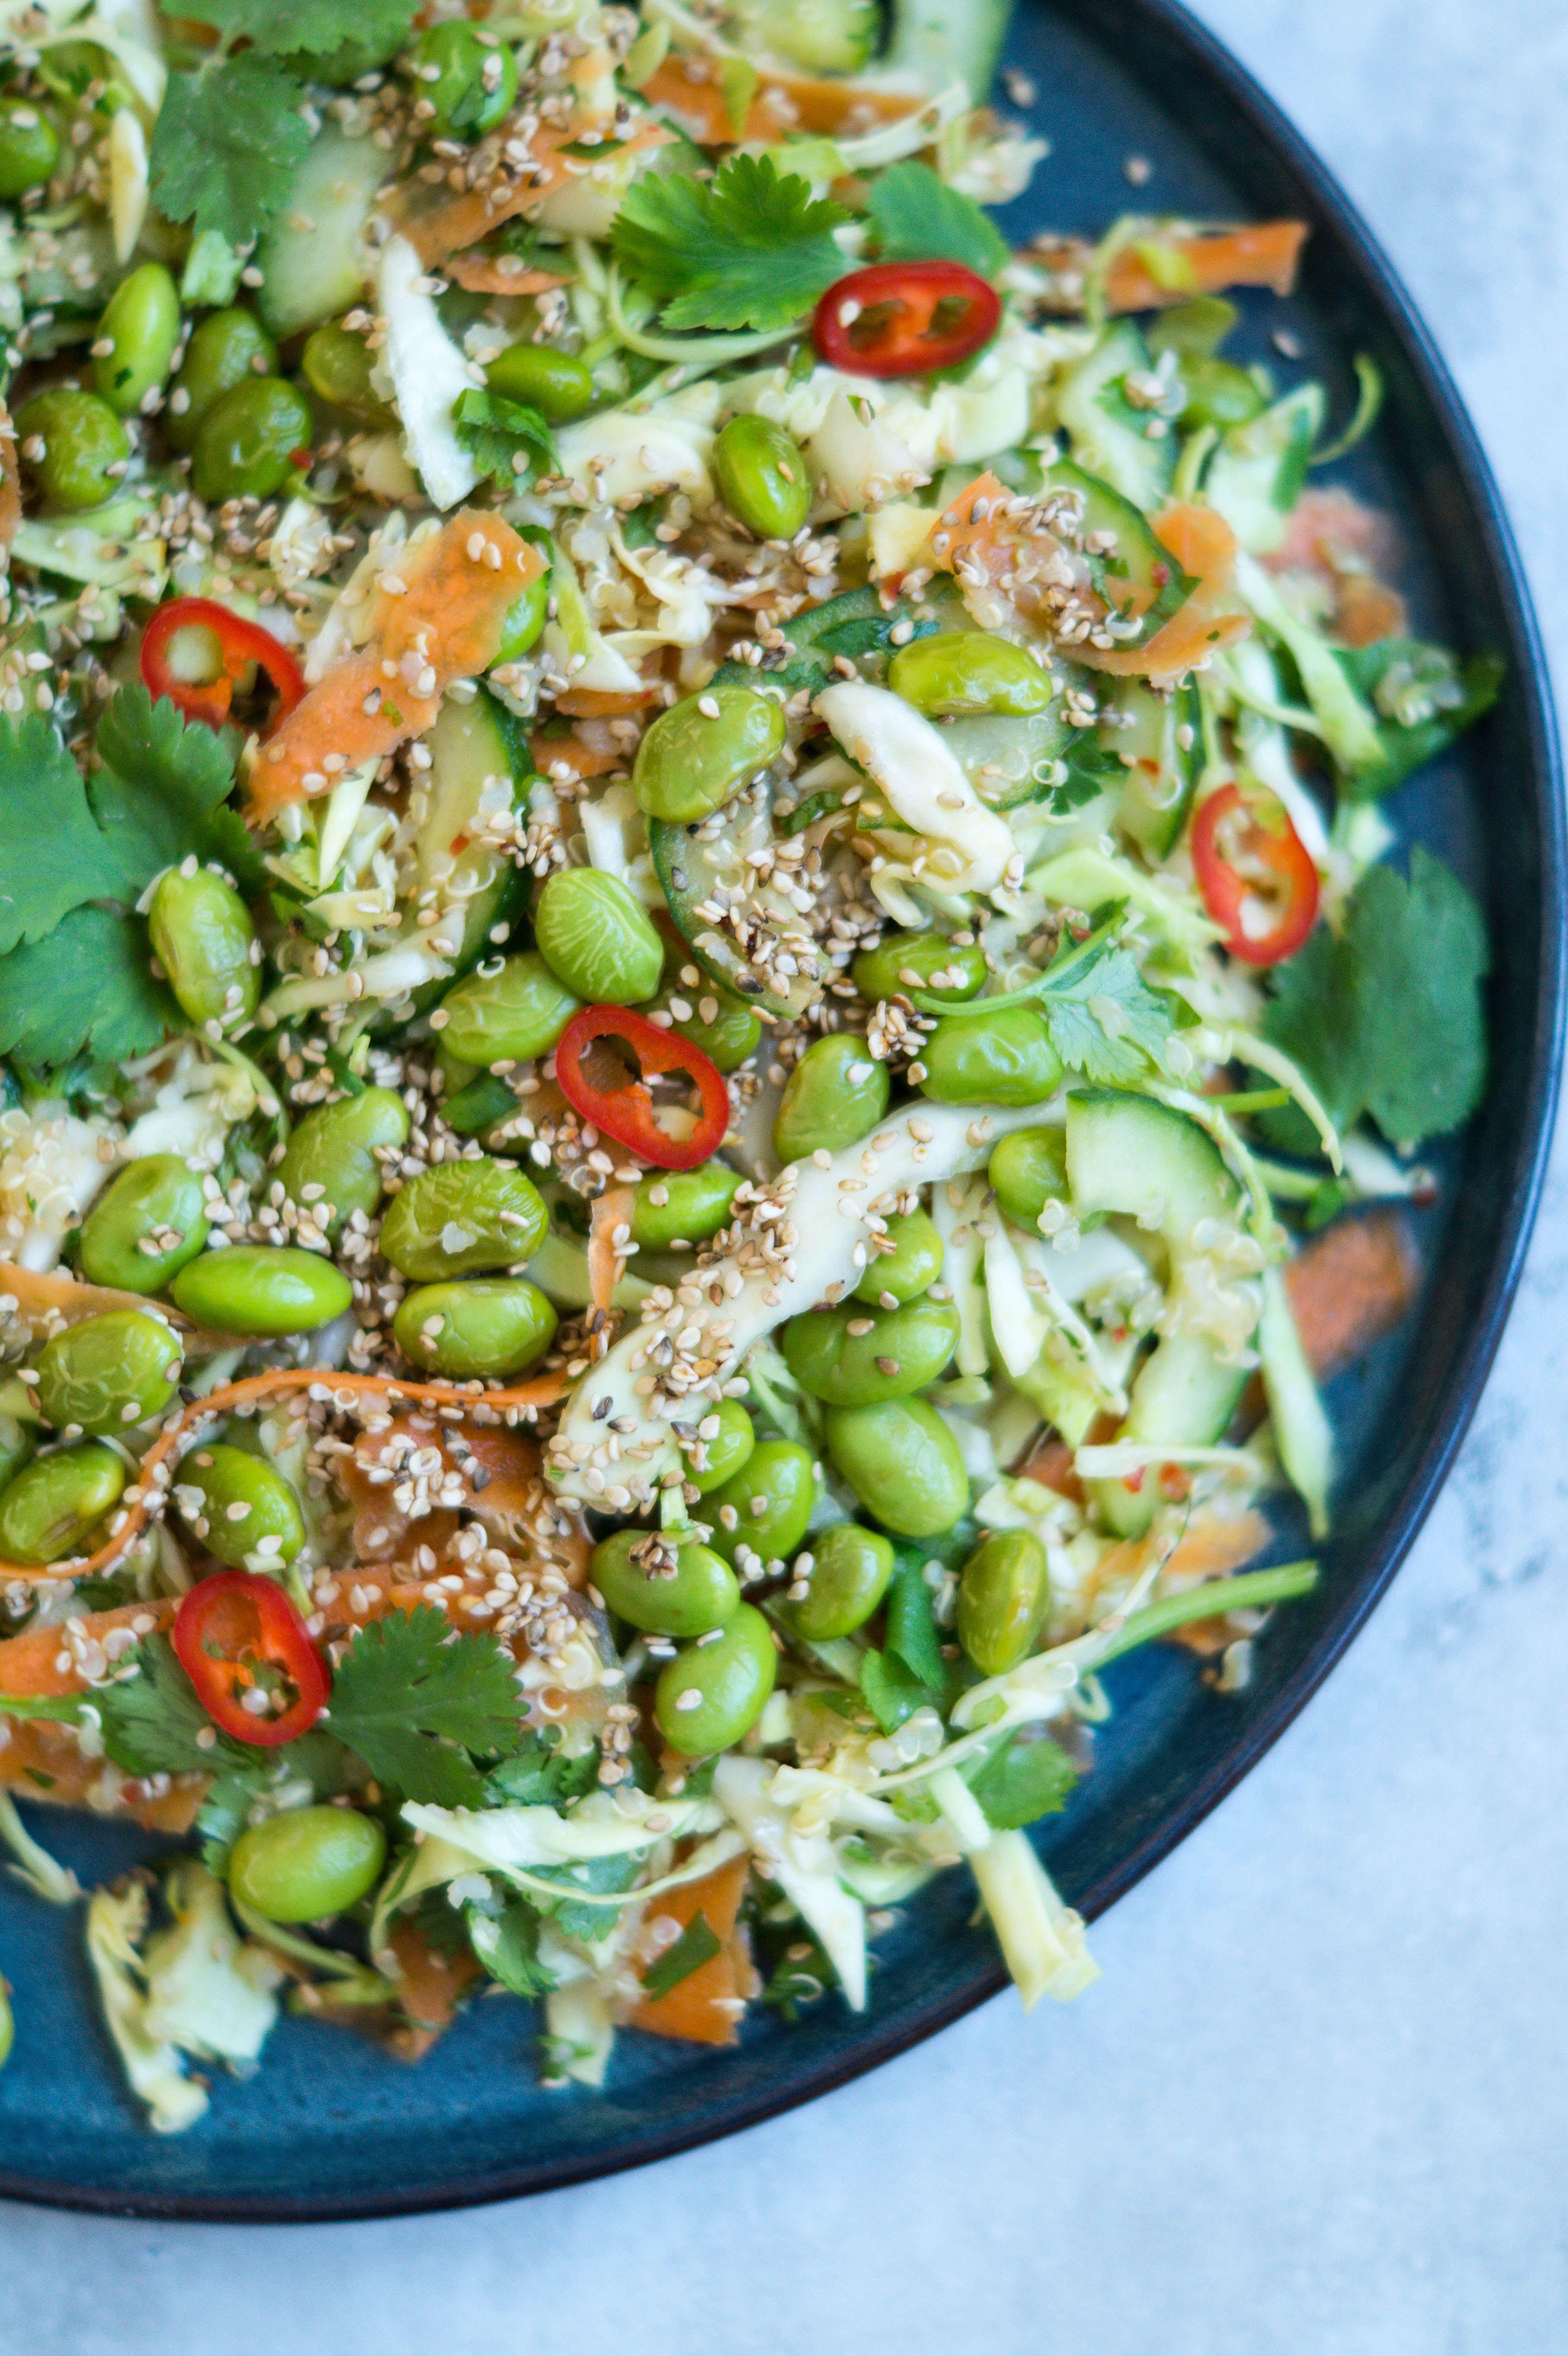 Asiatisk quinoa salat - vietnamesisk salat med edamamebønner, quinia, sesam og skøn ingefær-chili dressing. Toppet med sesam og koriander.